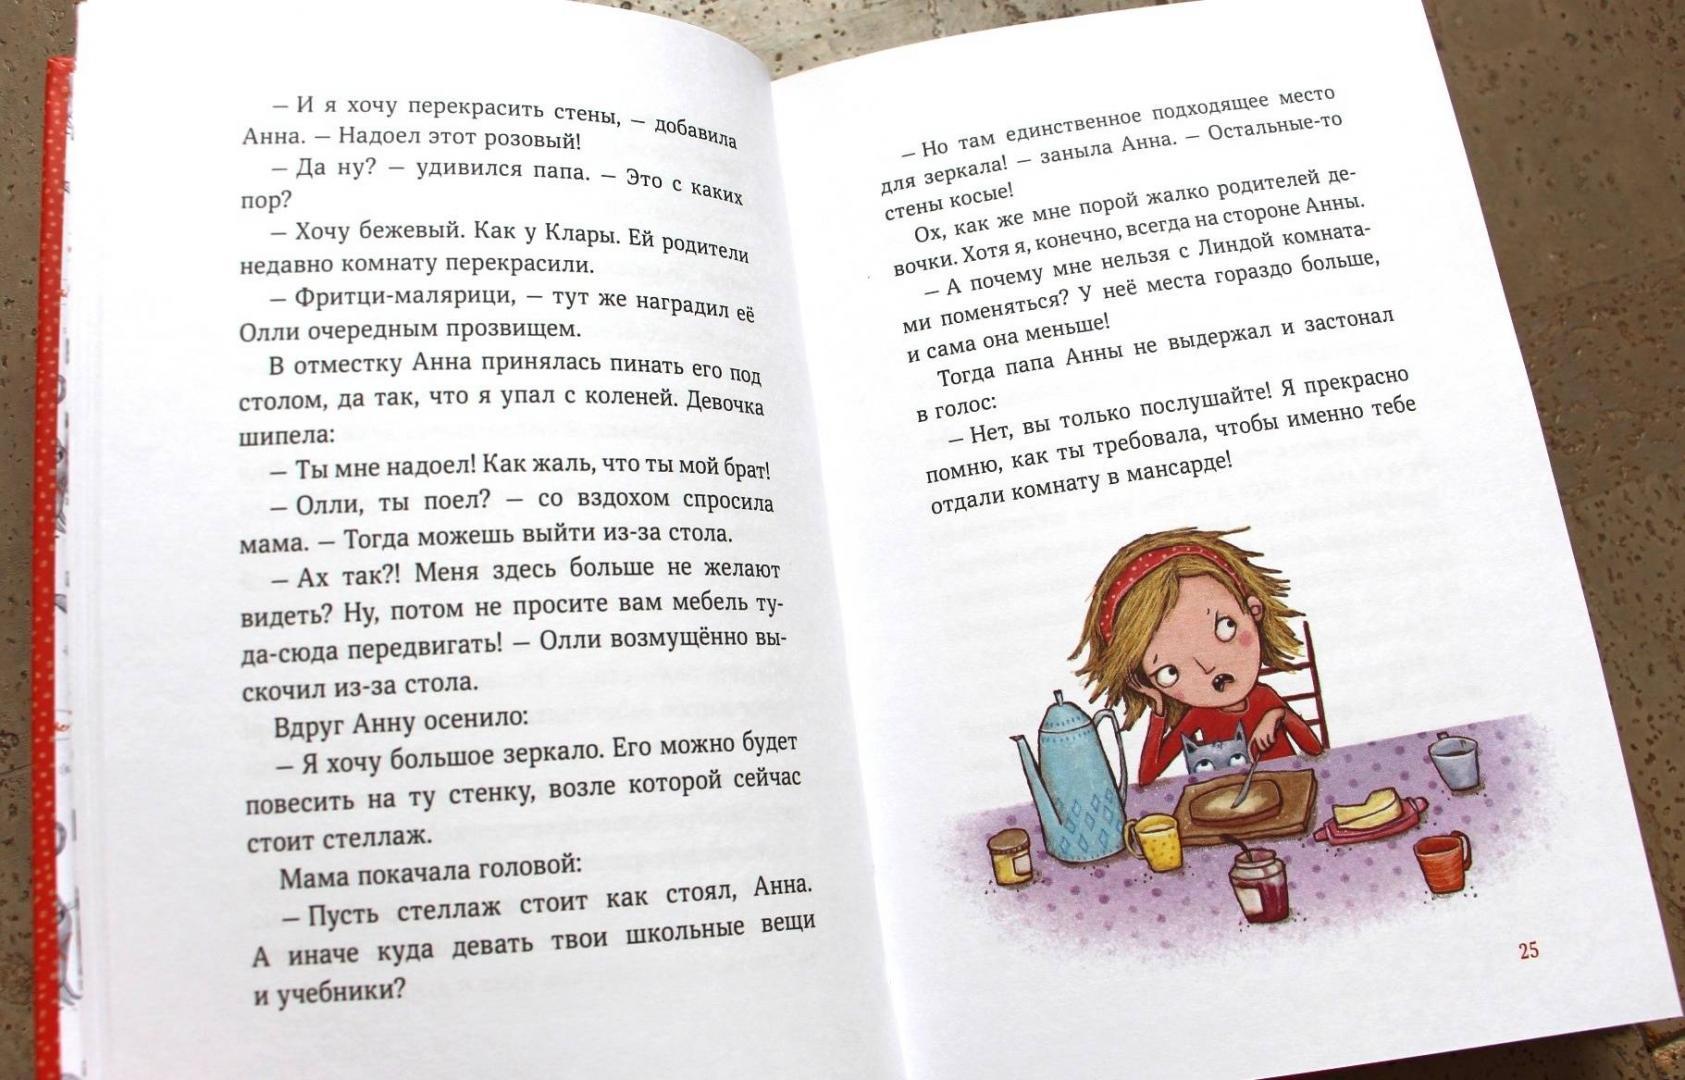 Иллюстрация 20 из 36 для А кота спросить забыли? - Аннетте Херцог   Лабиринт - книги. Источник: Анна К.